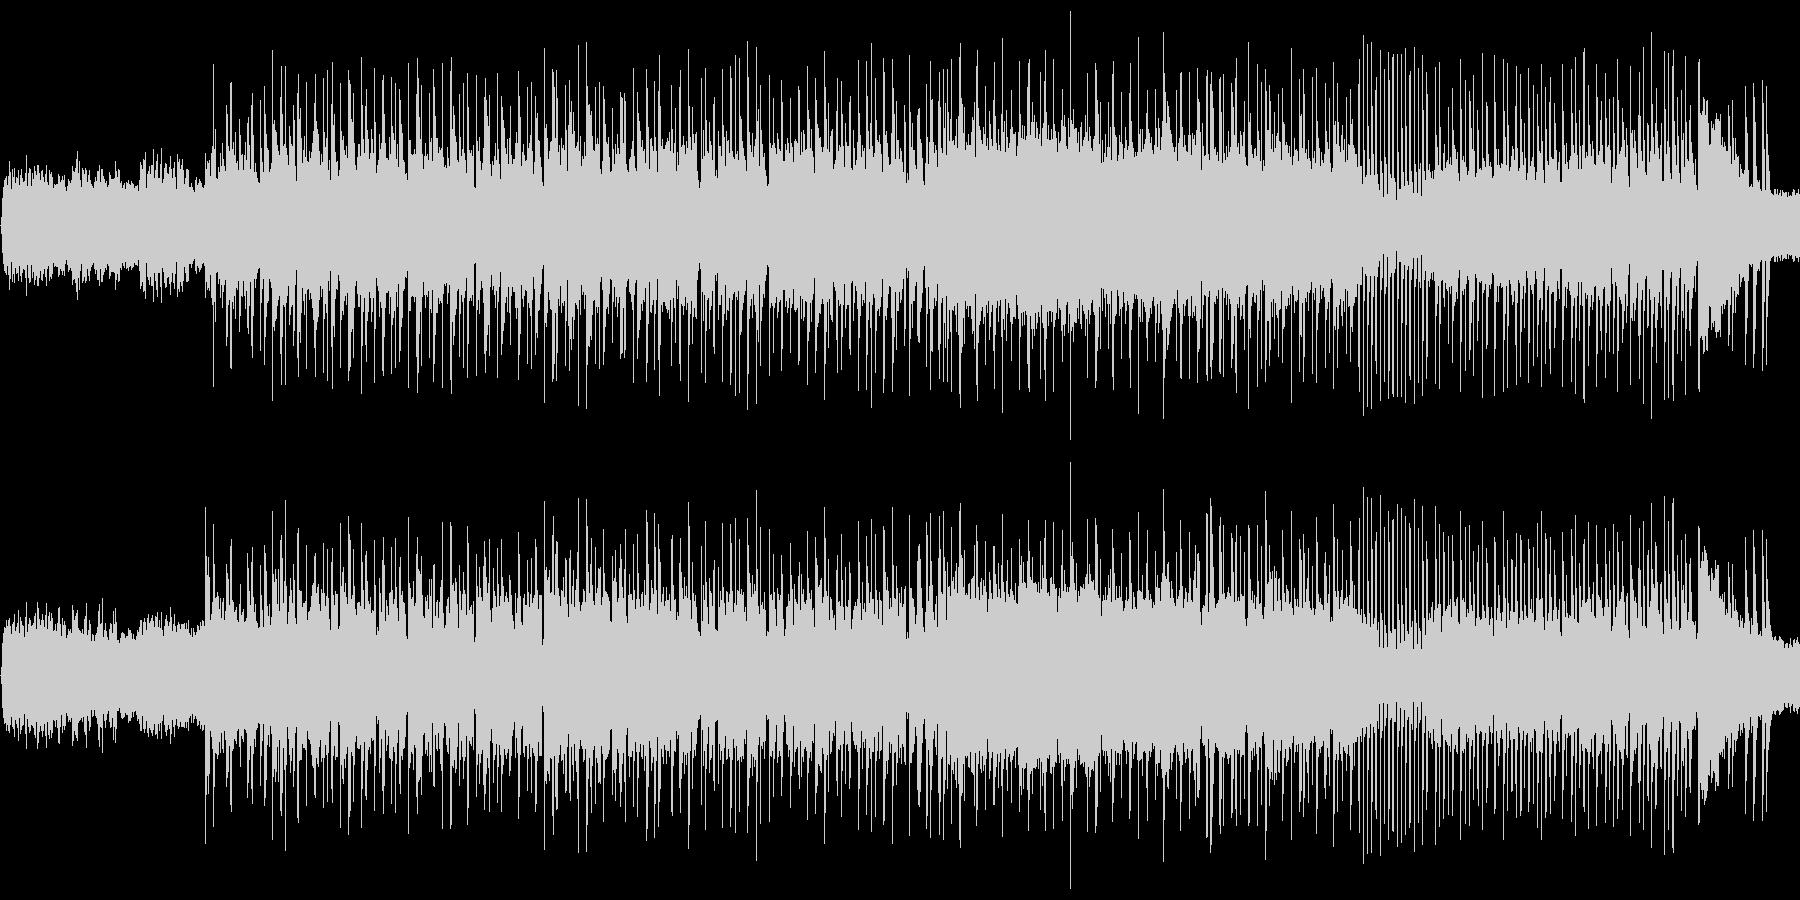 グイグイ一気に引き込む圧倒的ハードロックの未再生の波形